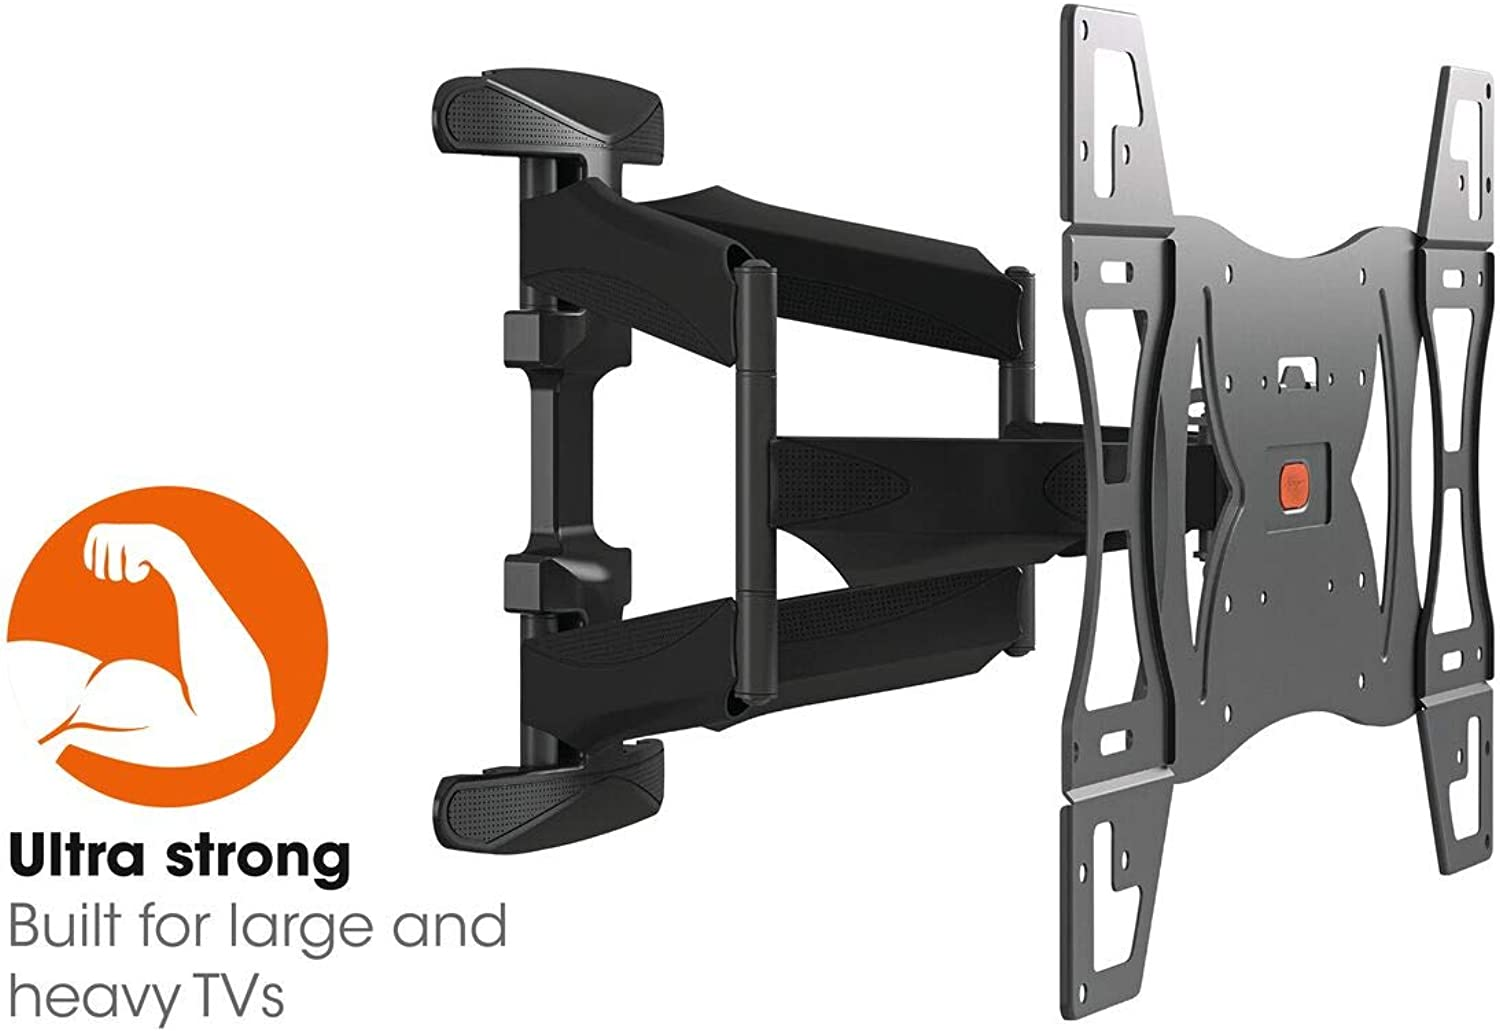 Vogel's BASE 45 L Ultrastarke TV-Wandhalterung für besonders gre (102-165 cm, 40-65 Zoll) oder schwere (max. 45 kg) Fernseher, 180° schwenkbar und neigbar, VESA max. 600 x 400, schwarz